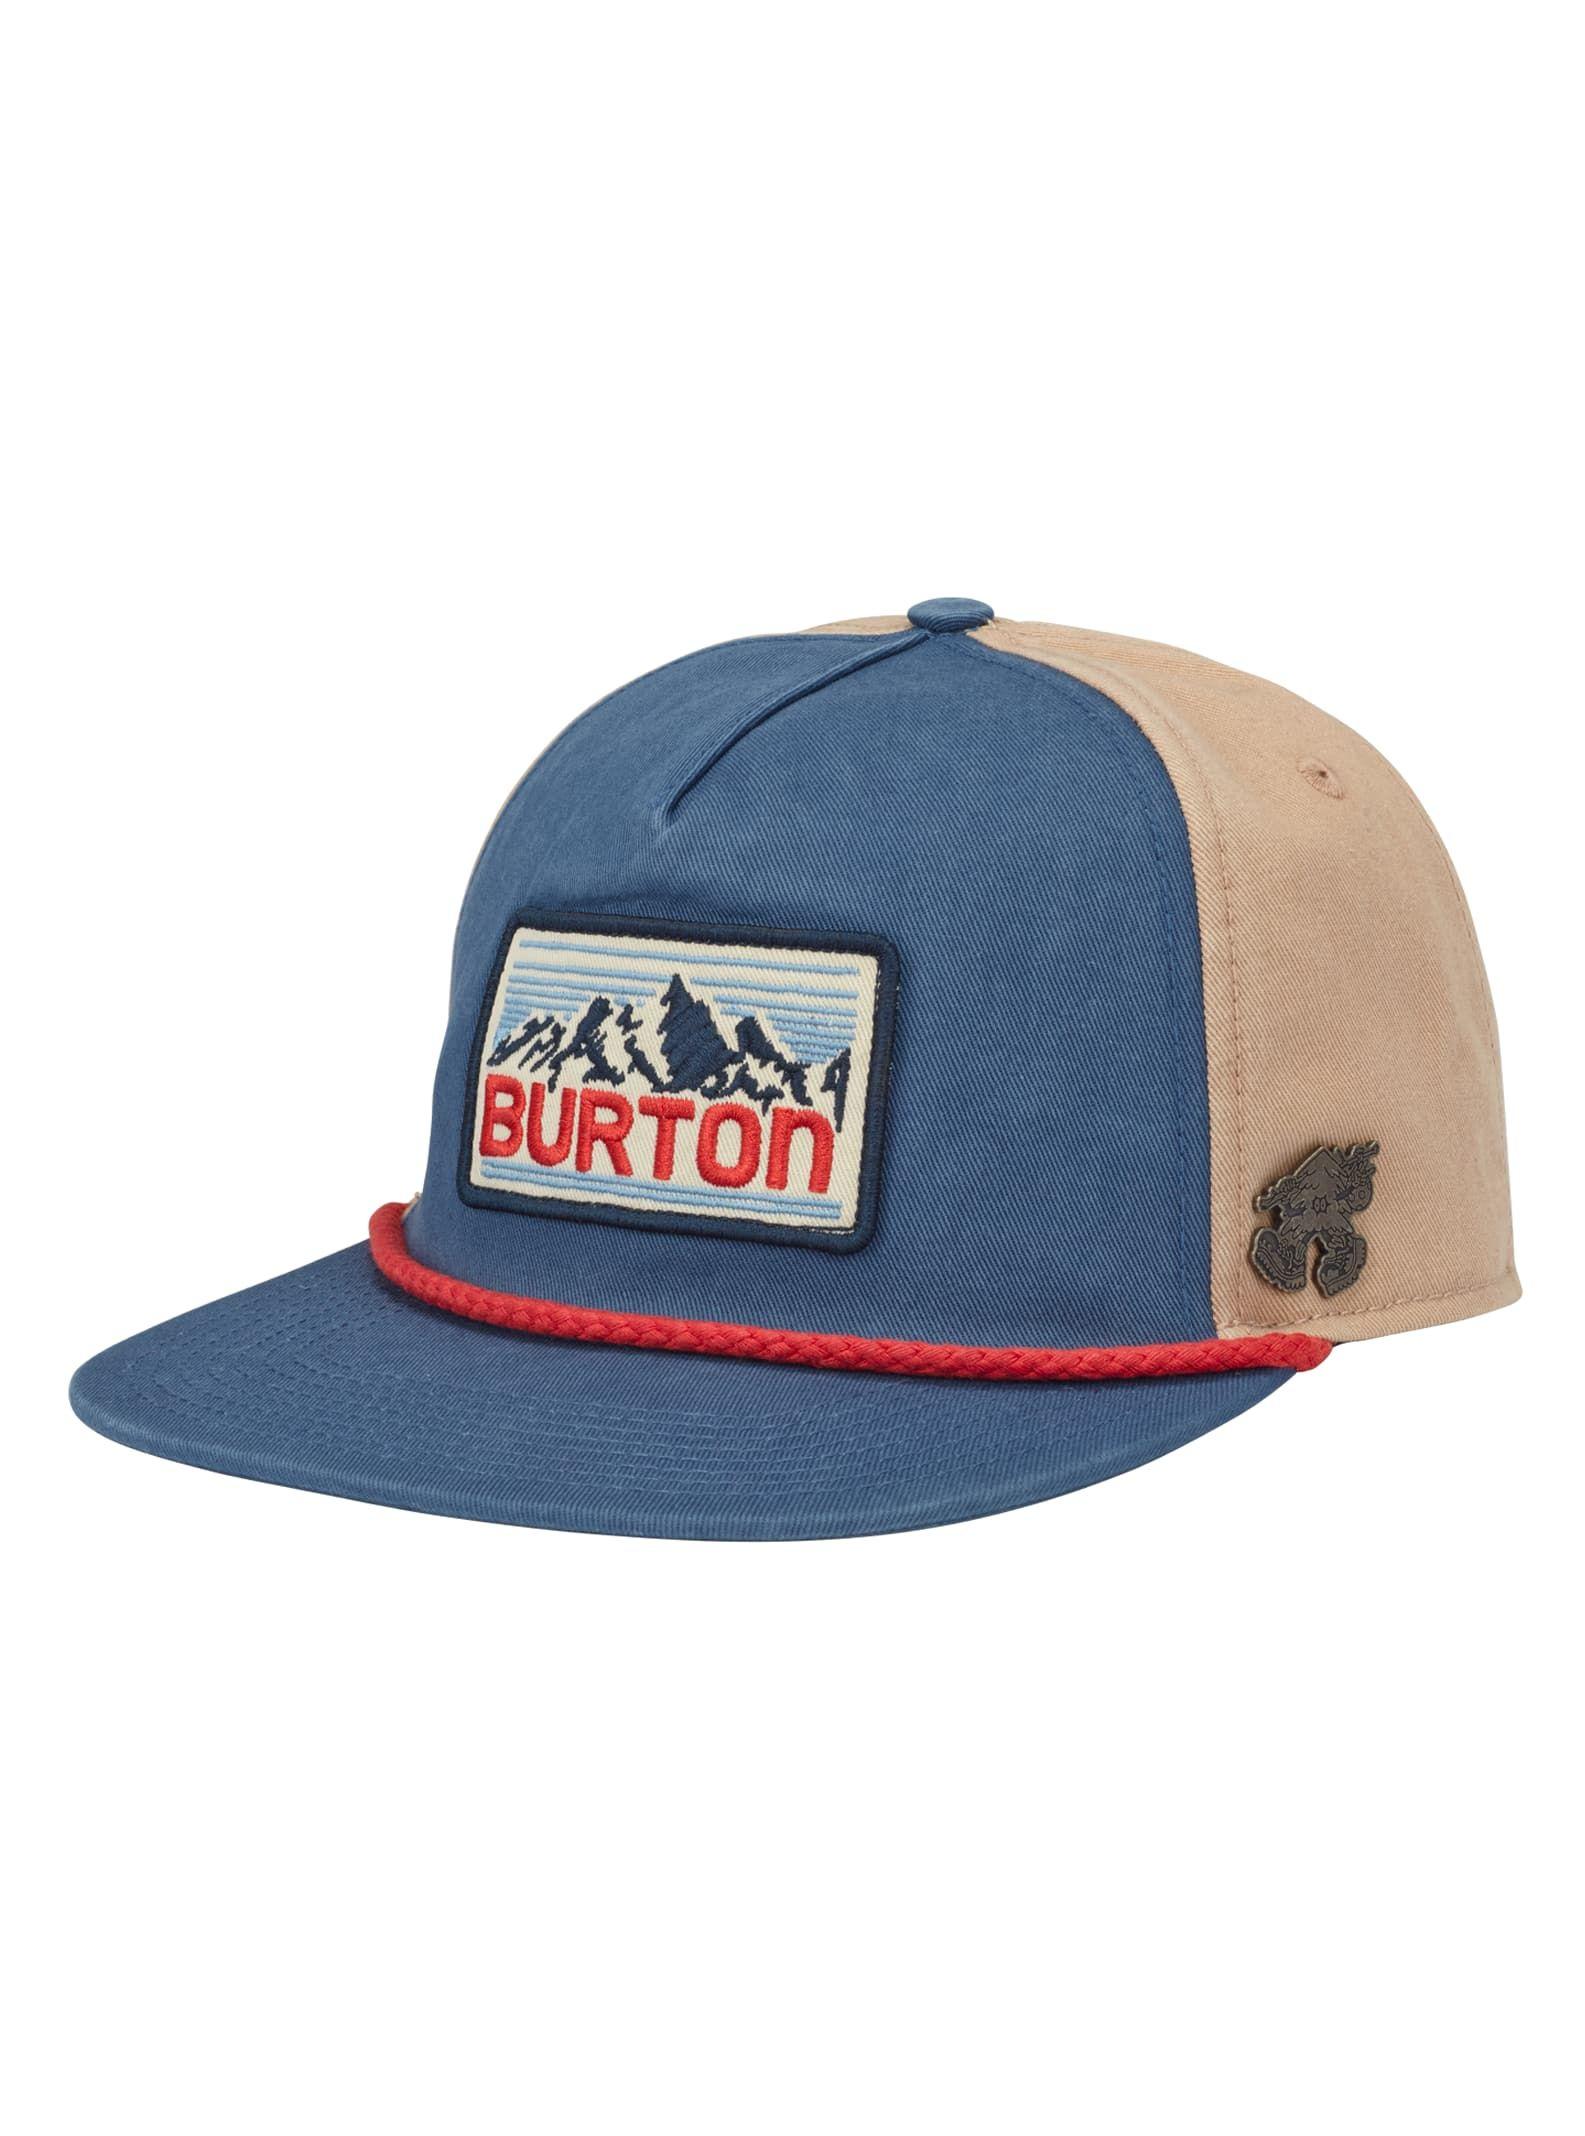 12f4db83973 Burton Buckweed Cap in 2019